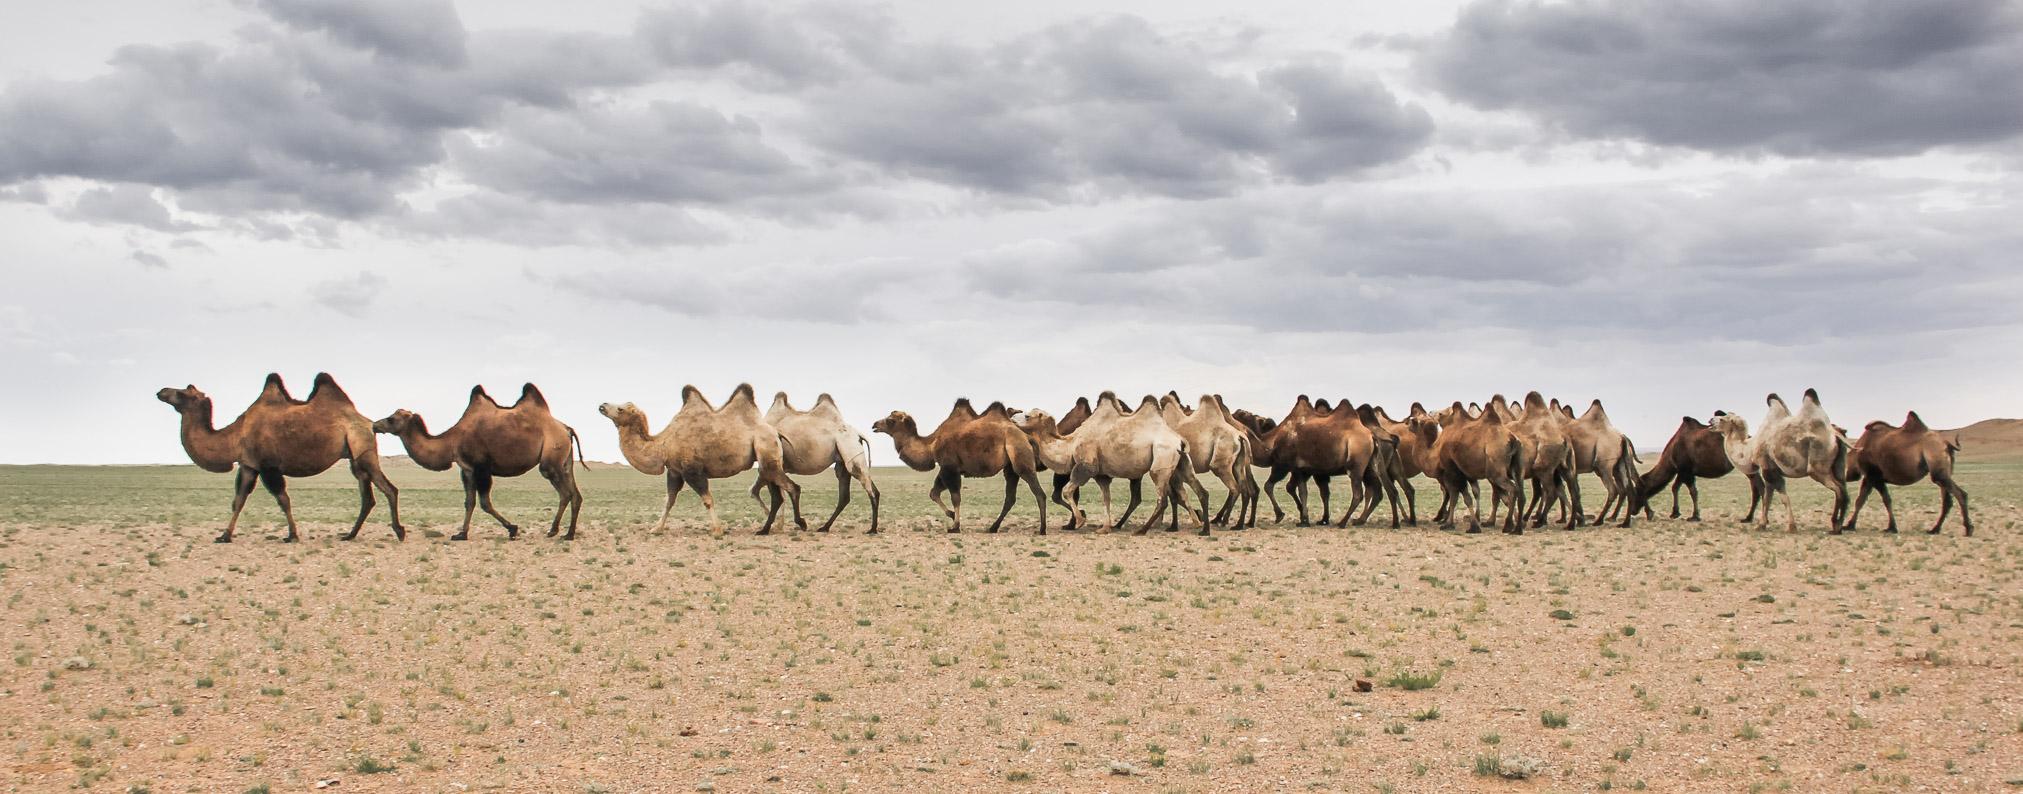 Des chameaux en Mongolie